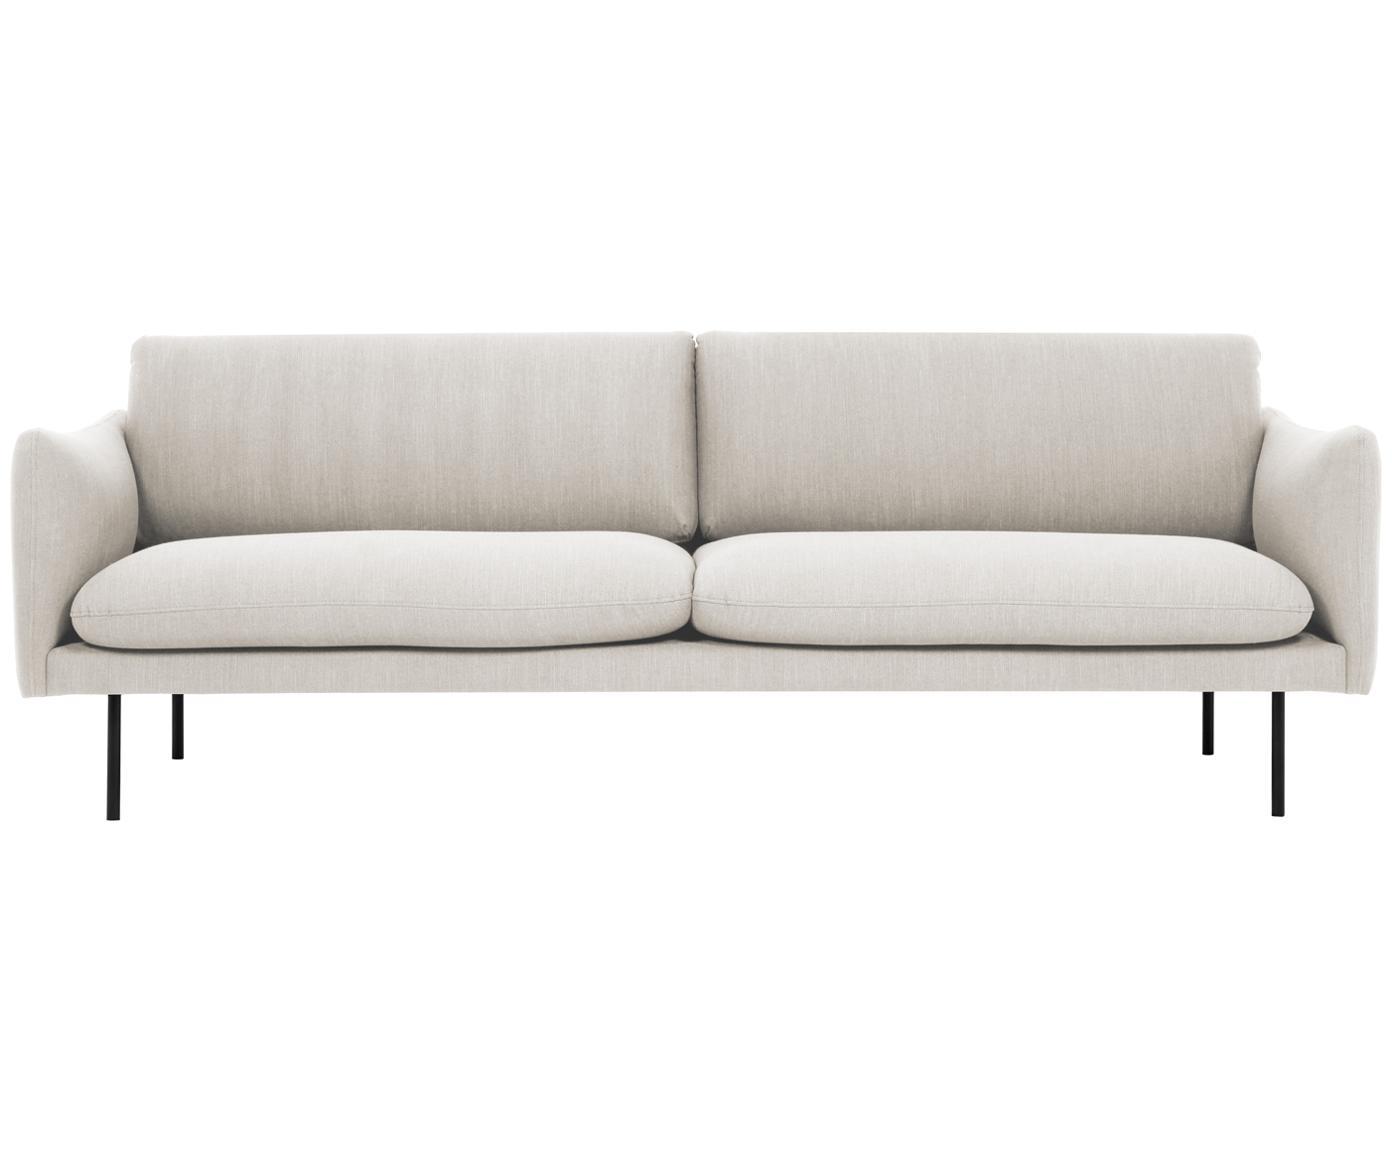 Bank Moby (3-zits), Bekleding: polyester, Frame: massief grenenhout, Poten: gepoedercoat metaal, Beige, B 220 x D 95 cm